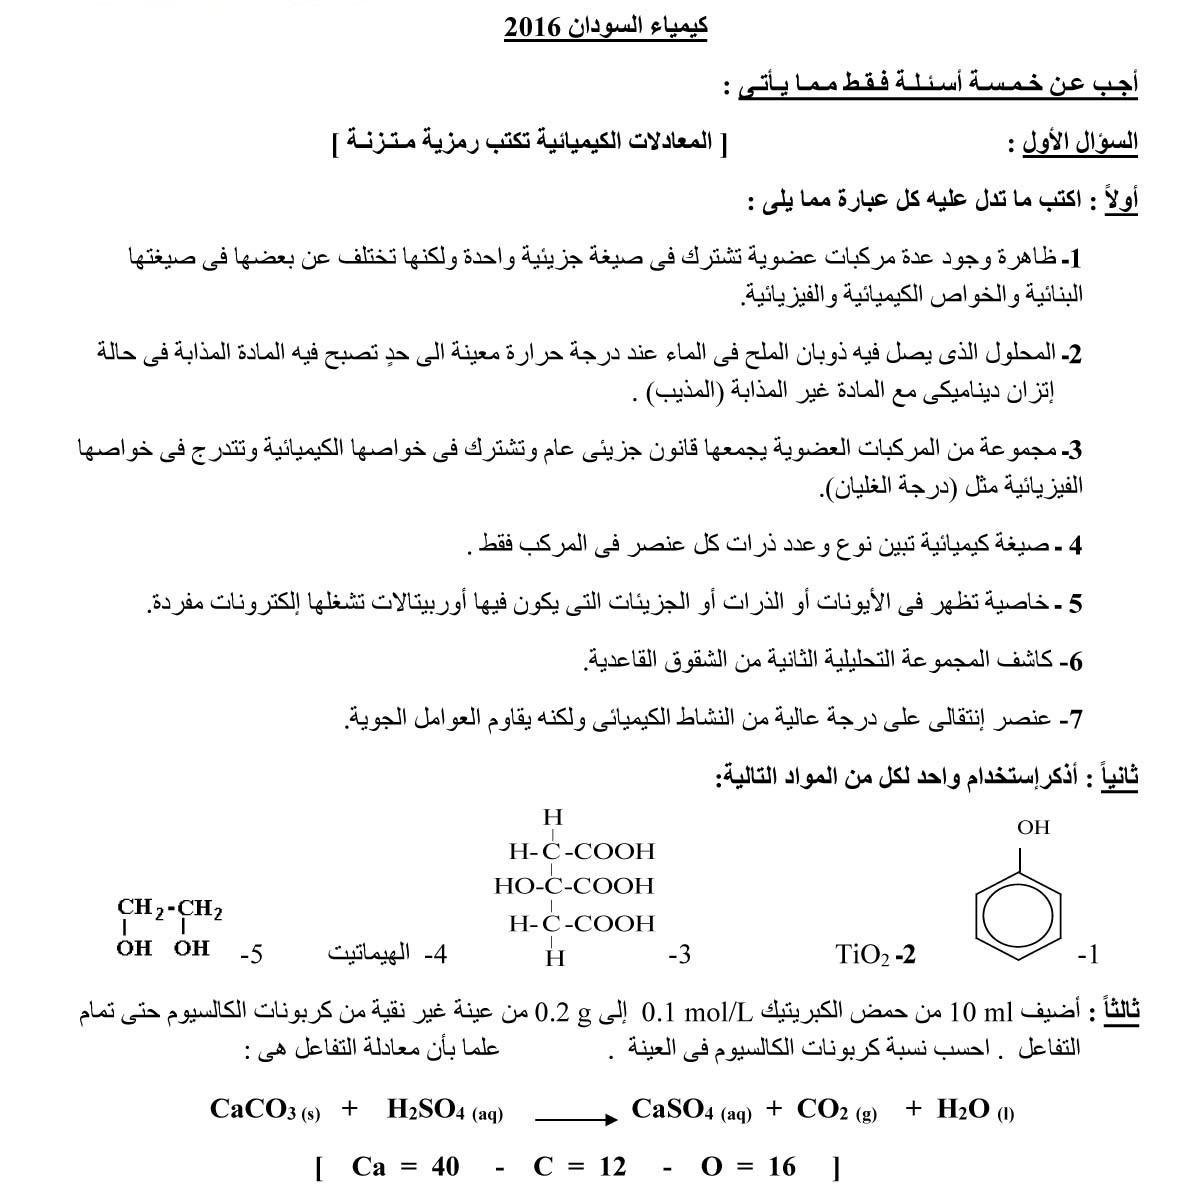 إجابة وإمتحان السودان في الكيمياء للصف الثالث الثانوي 2020